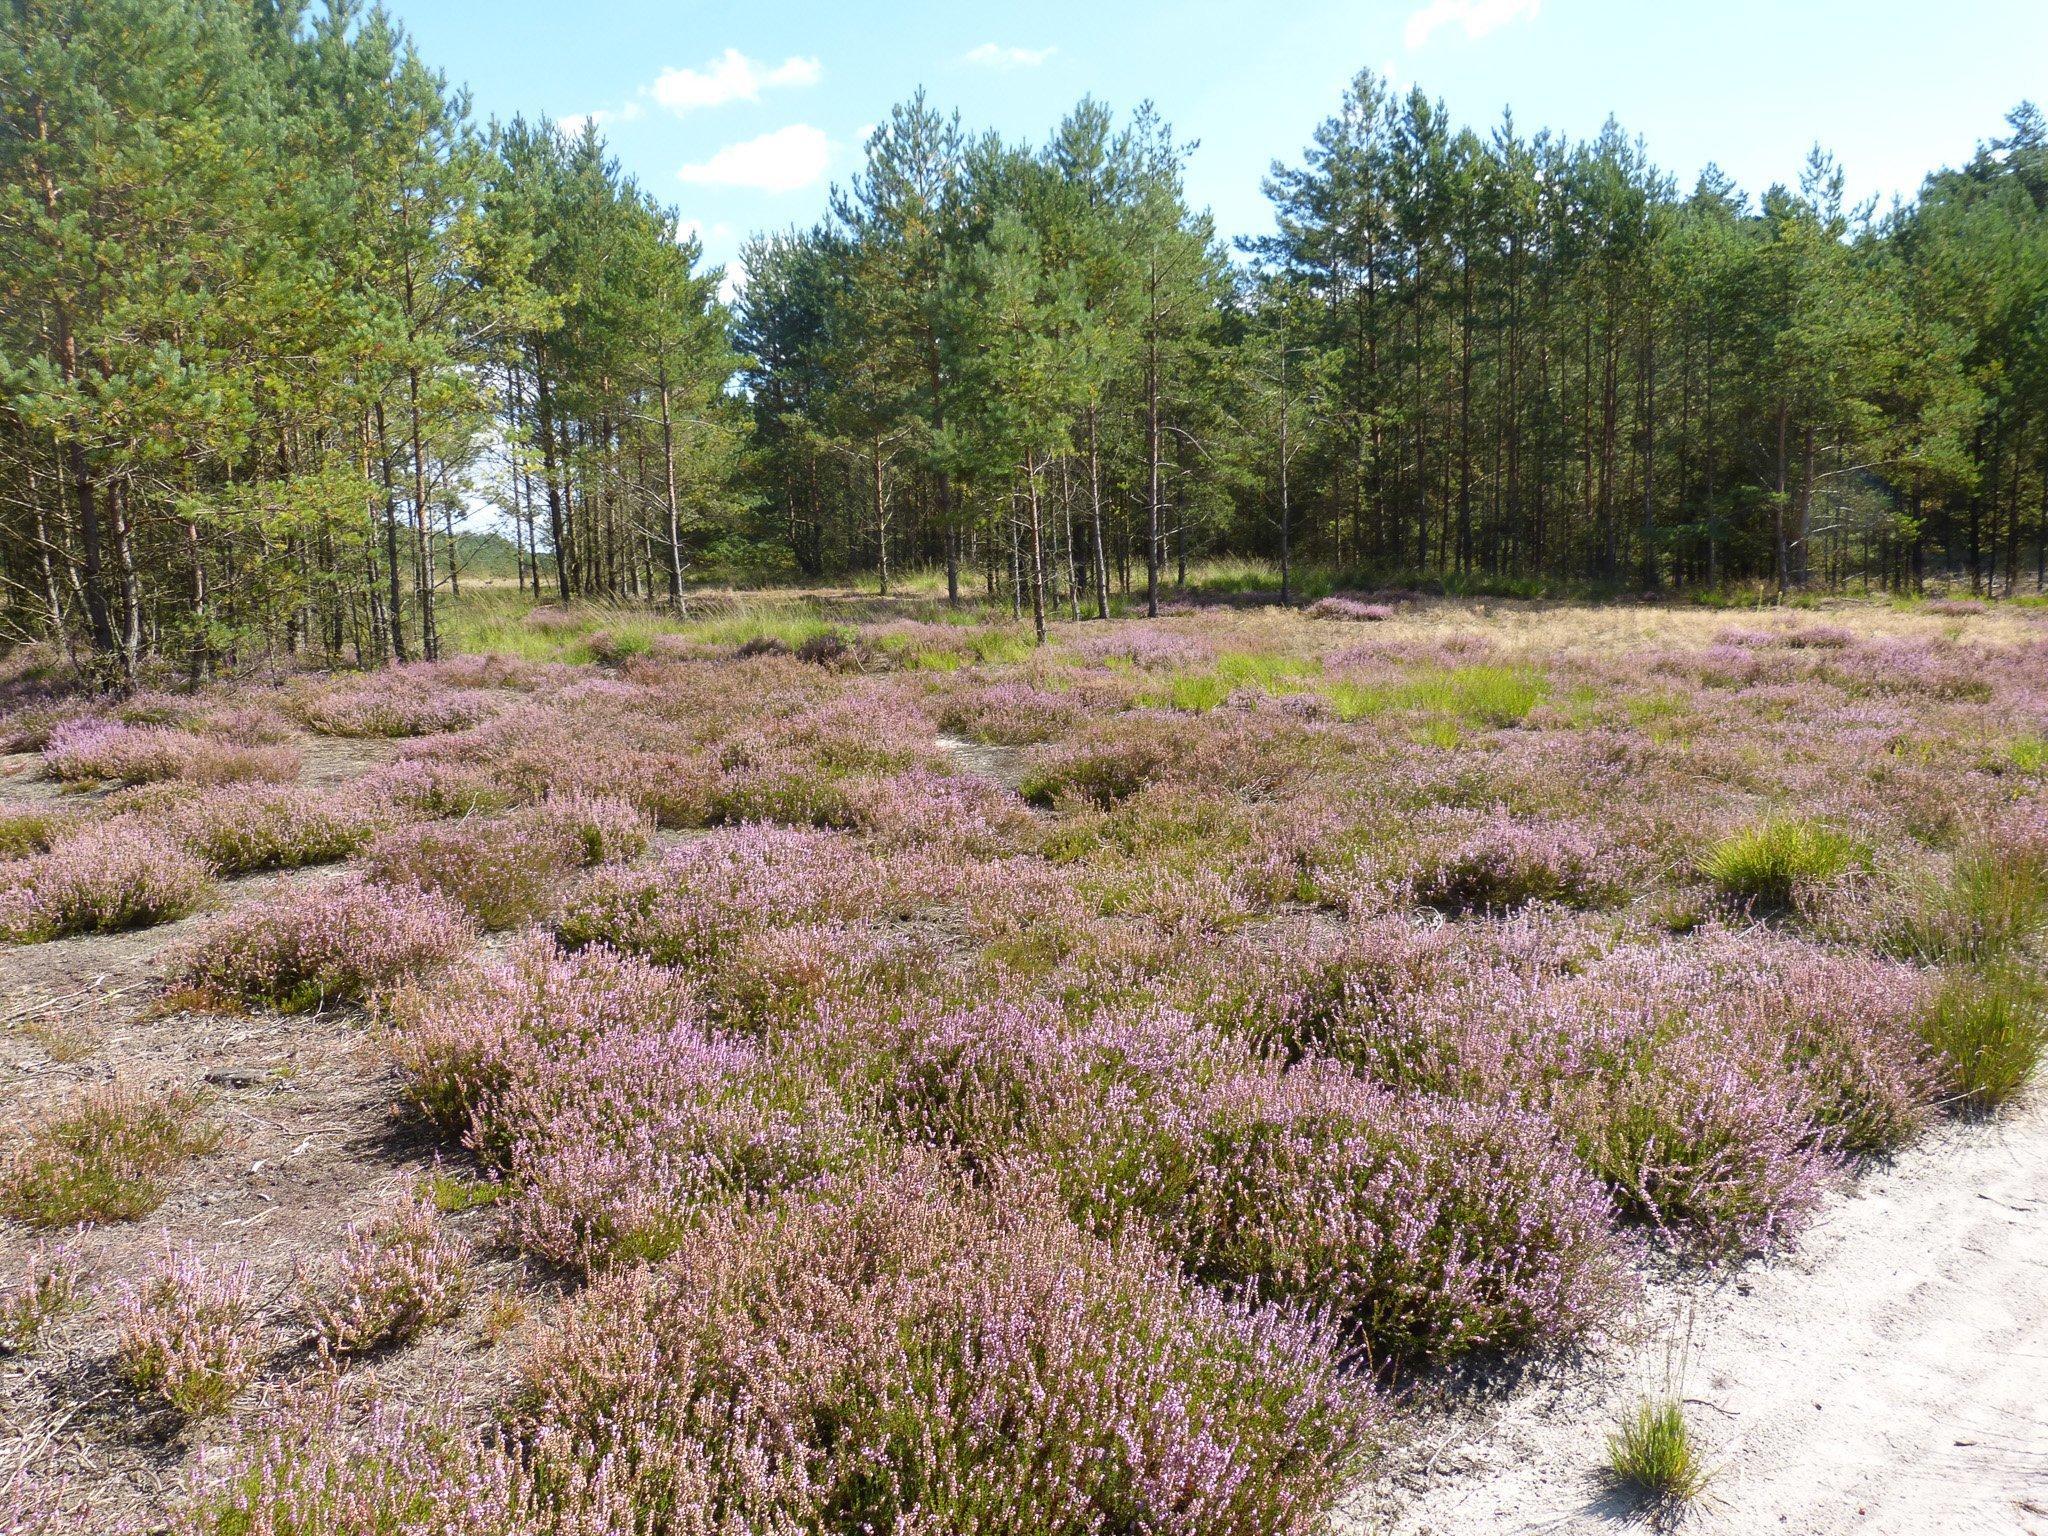 Zu sehen ist eine typische Heidelandschaft mit rosa blühendem Heidekraut.